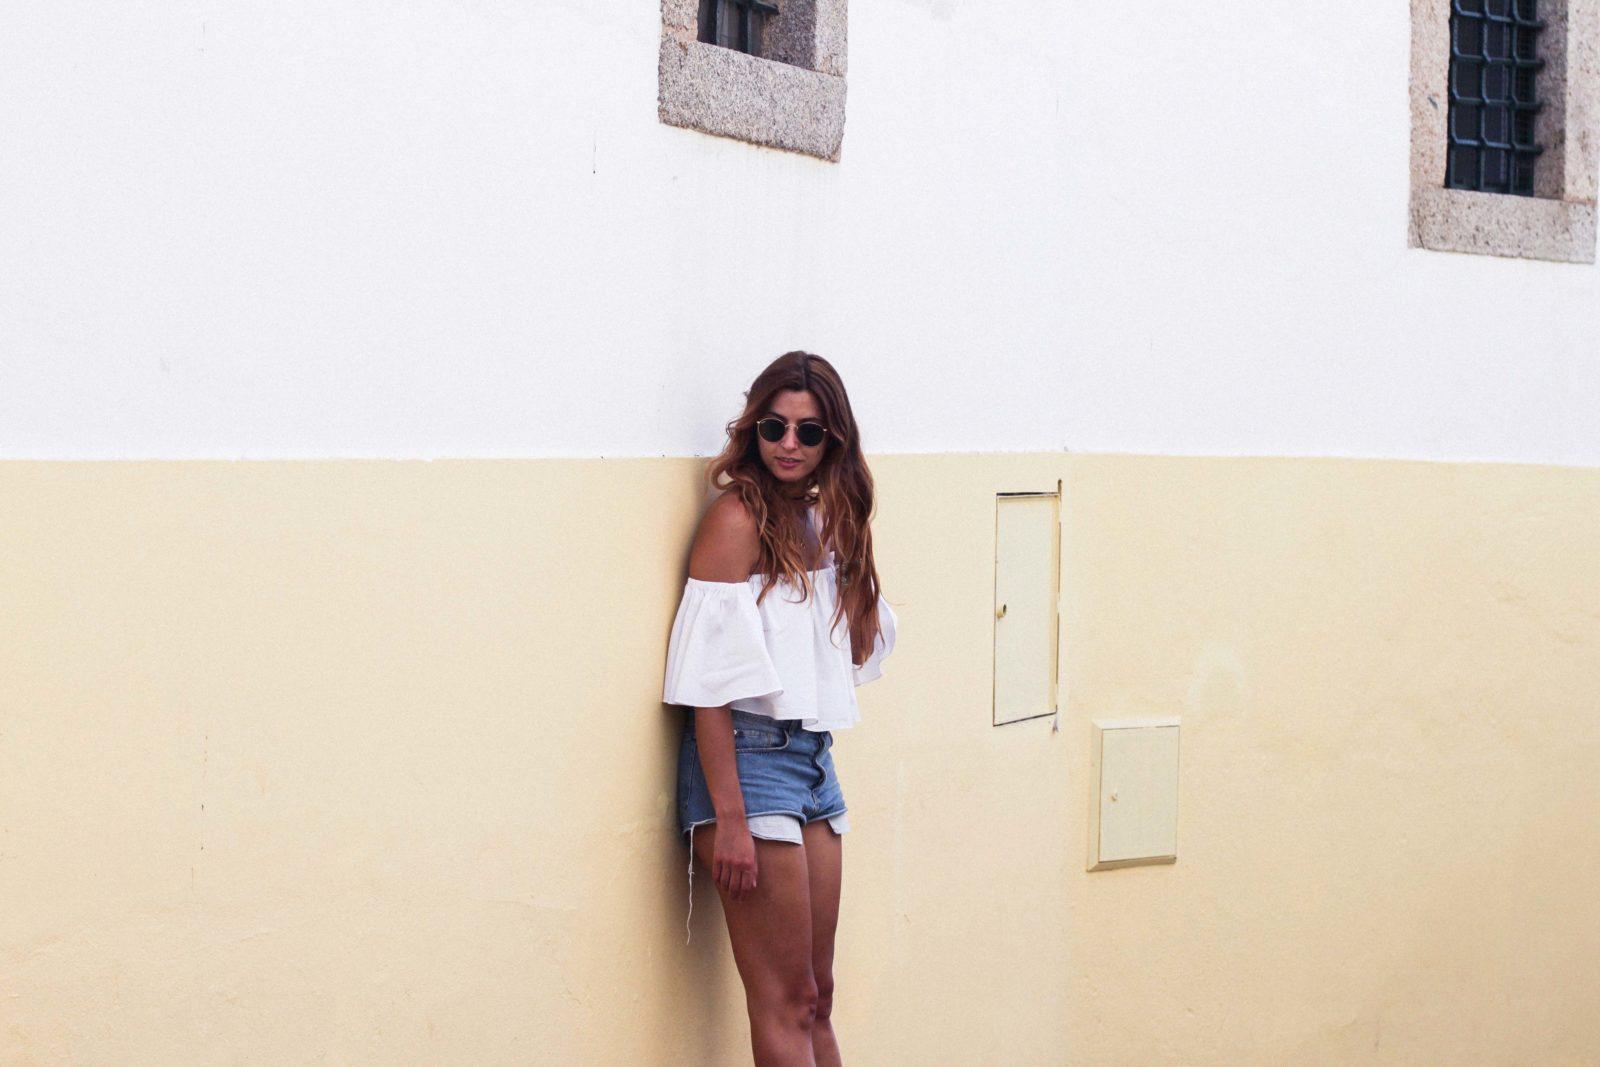 evora_portugal_shorts_top_hombros_al_aire_sandalias_isabel_marant-16